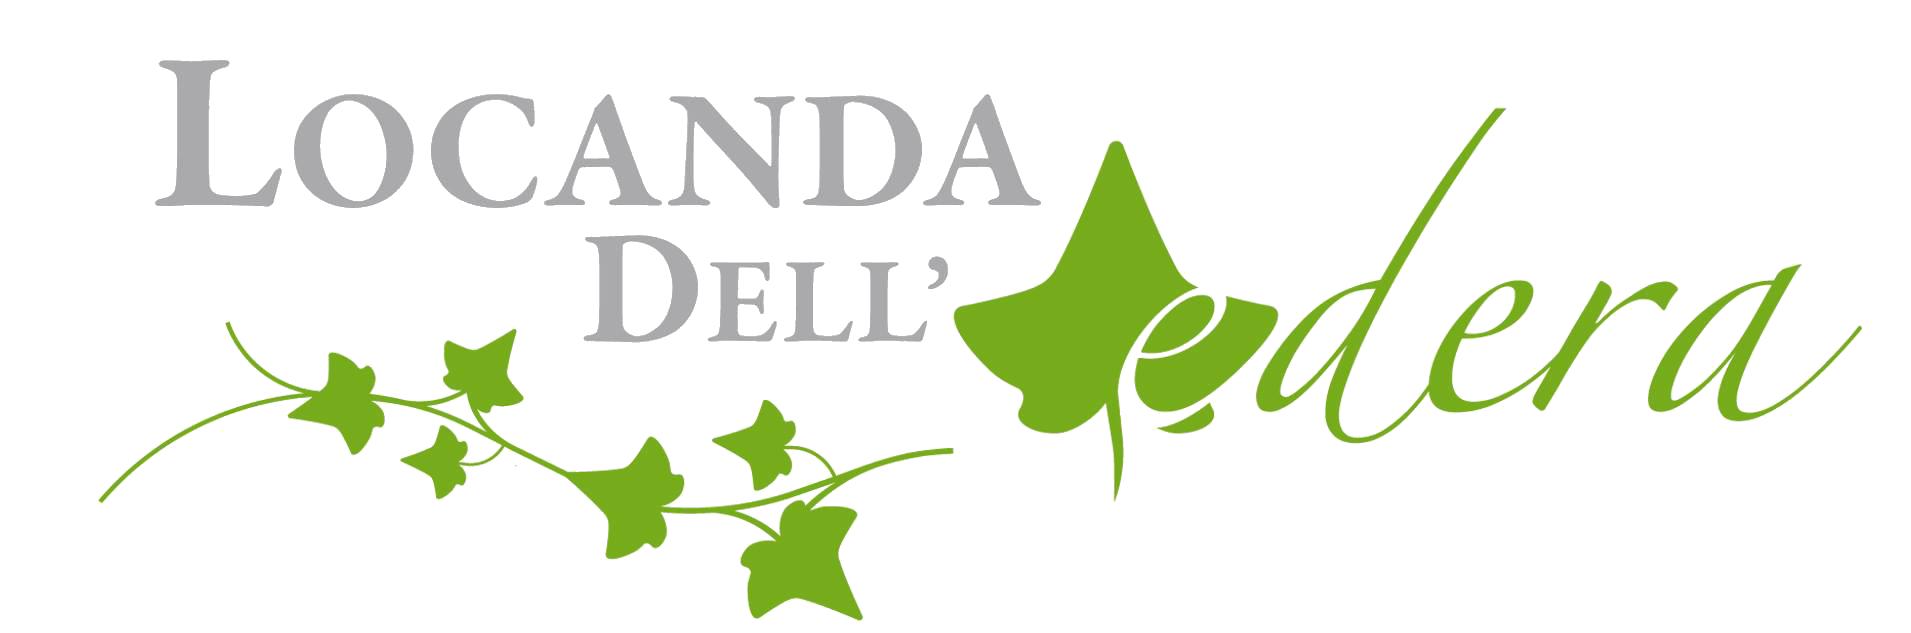 Locanda dell'edera | Ristorante Corciano